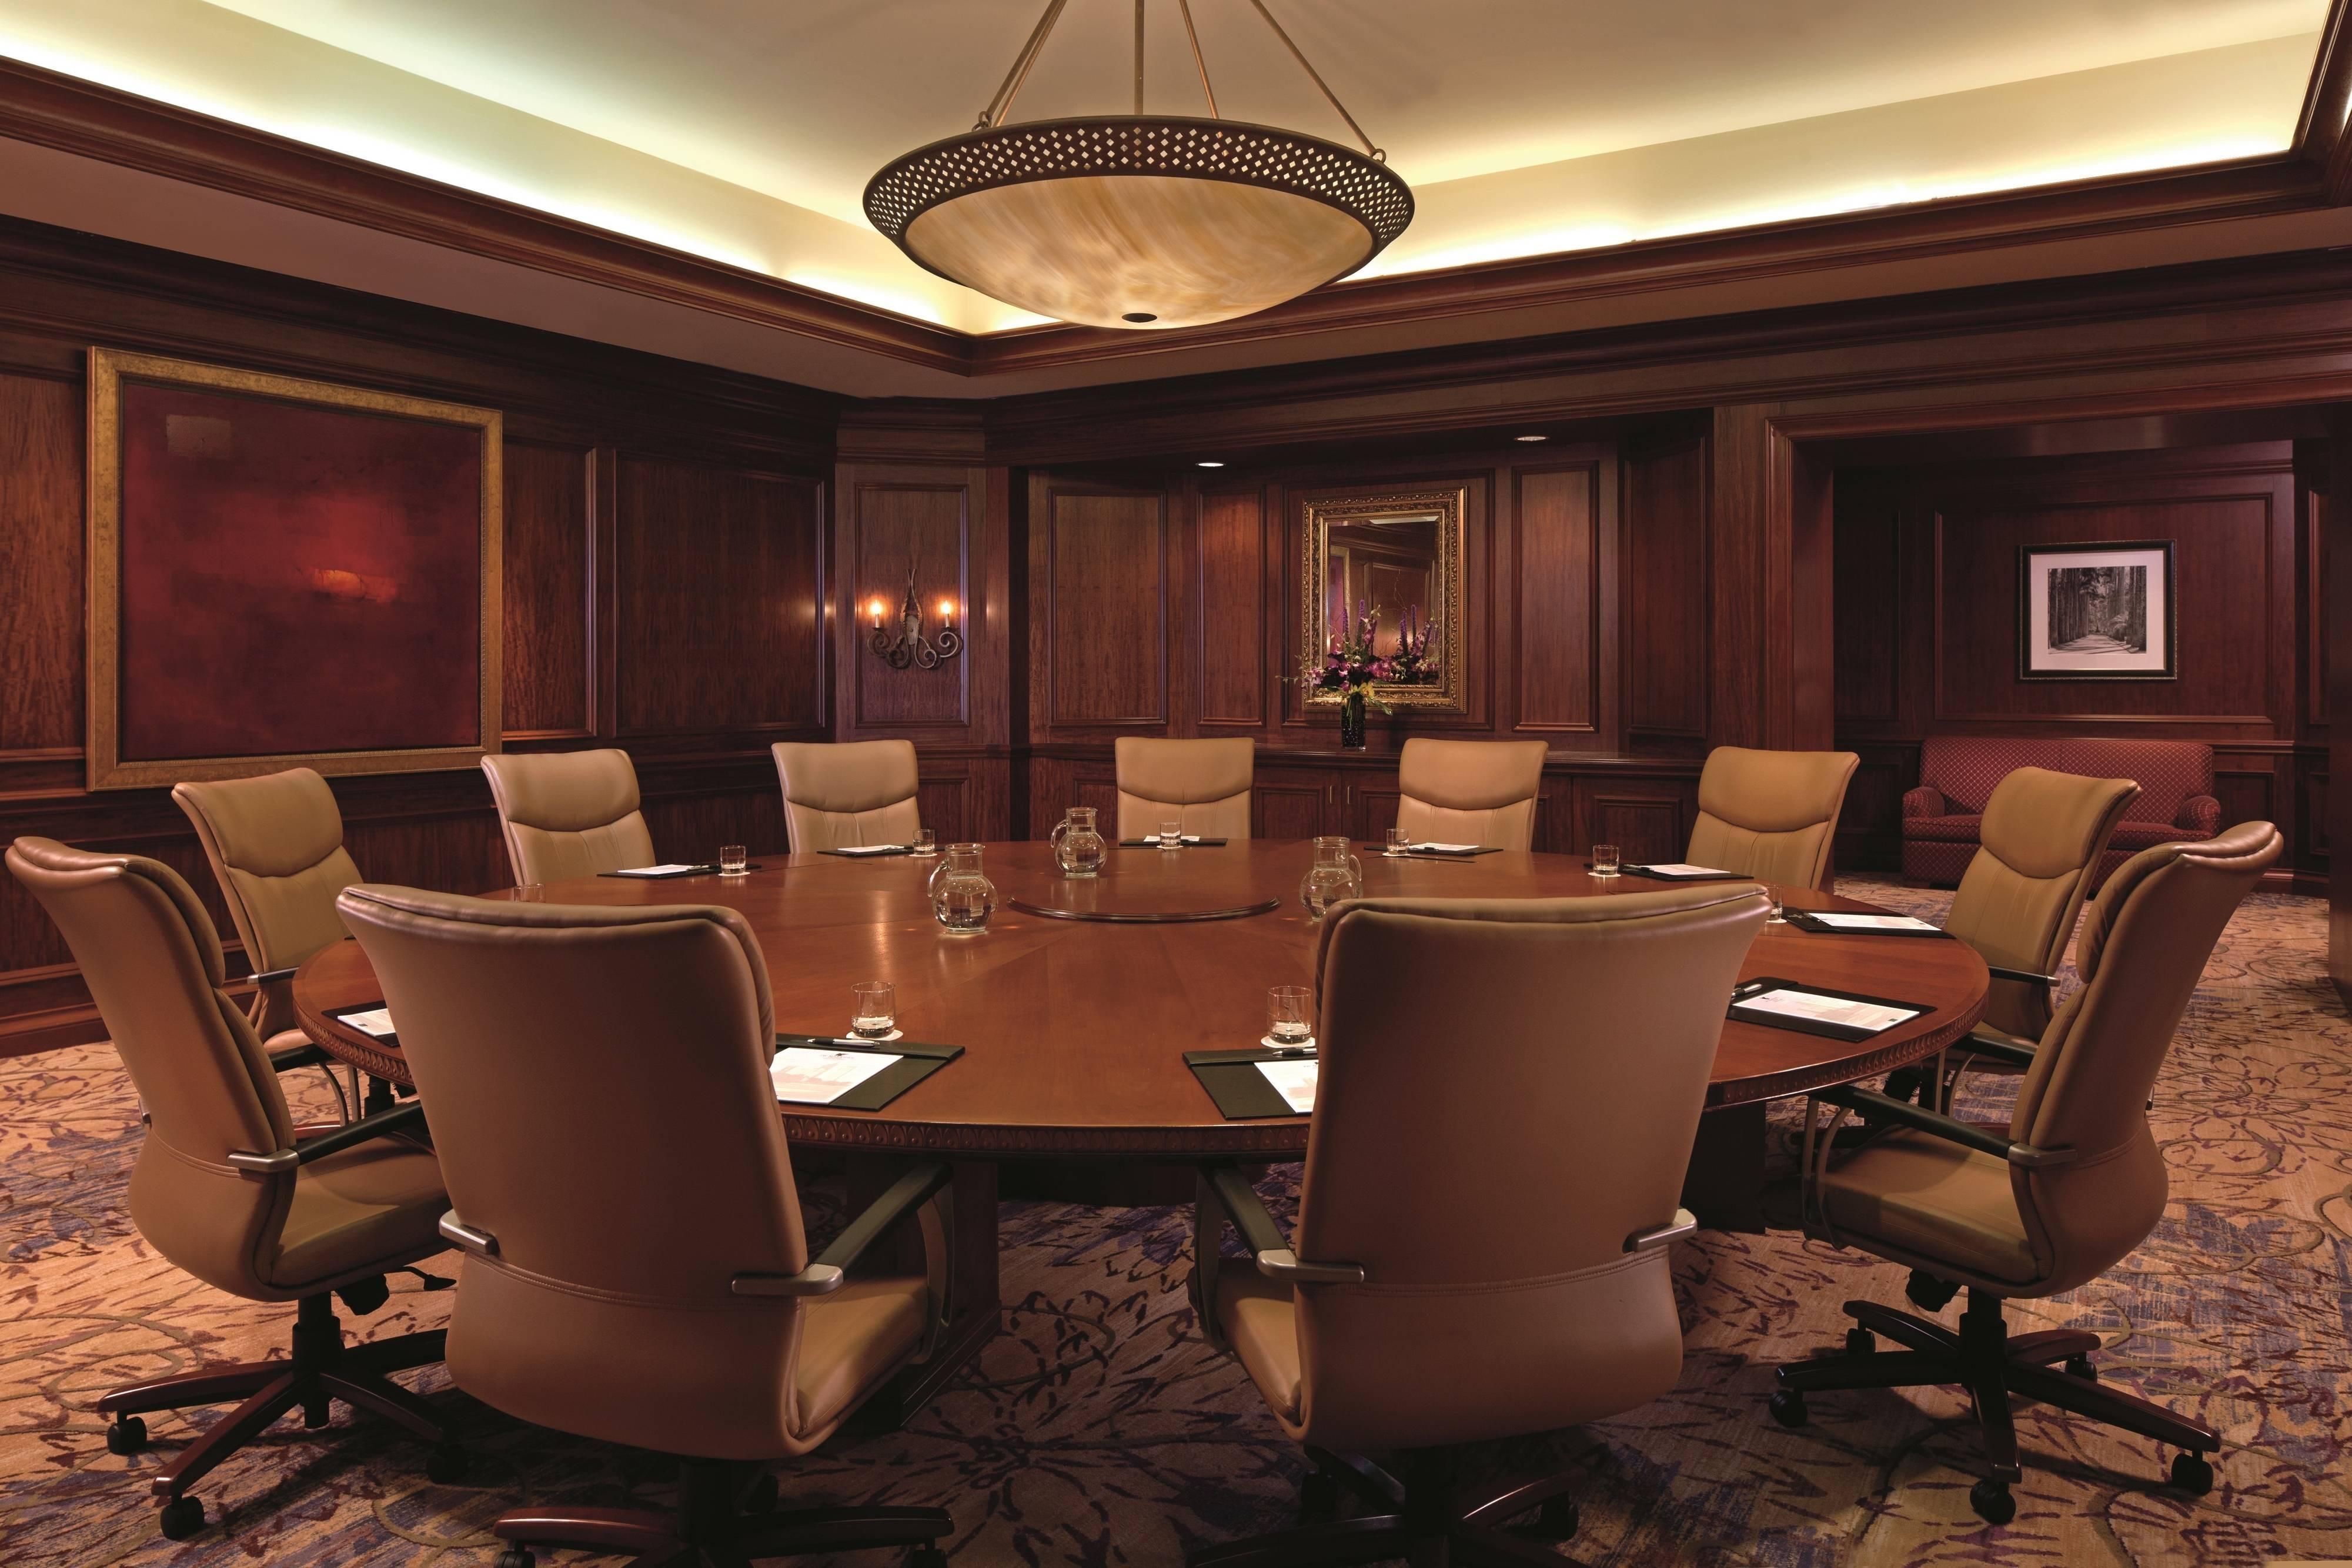 Grande Lakes Meeting Space